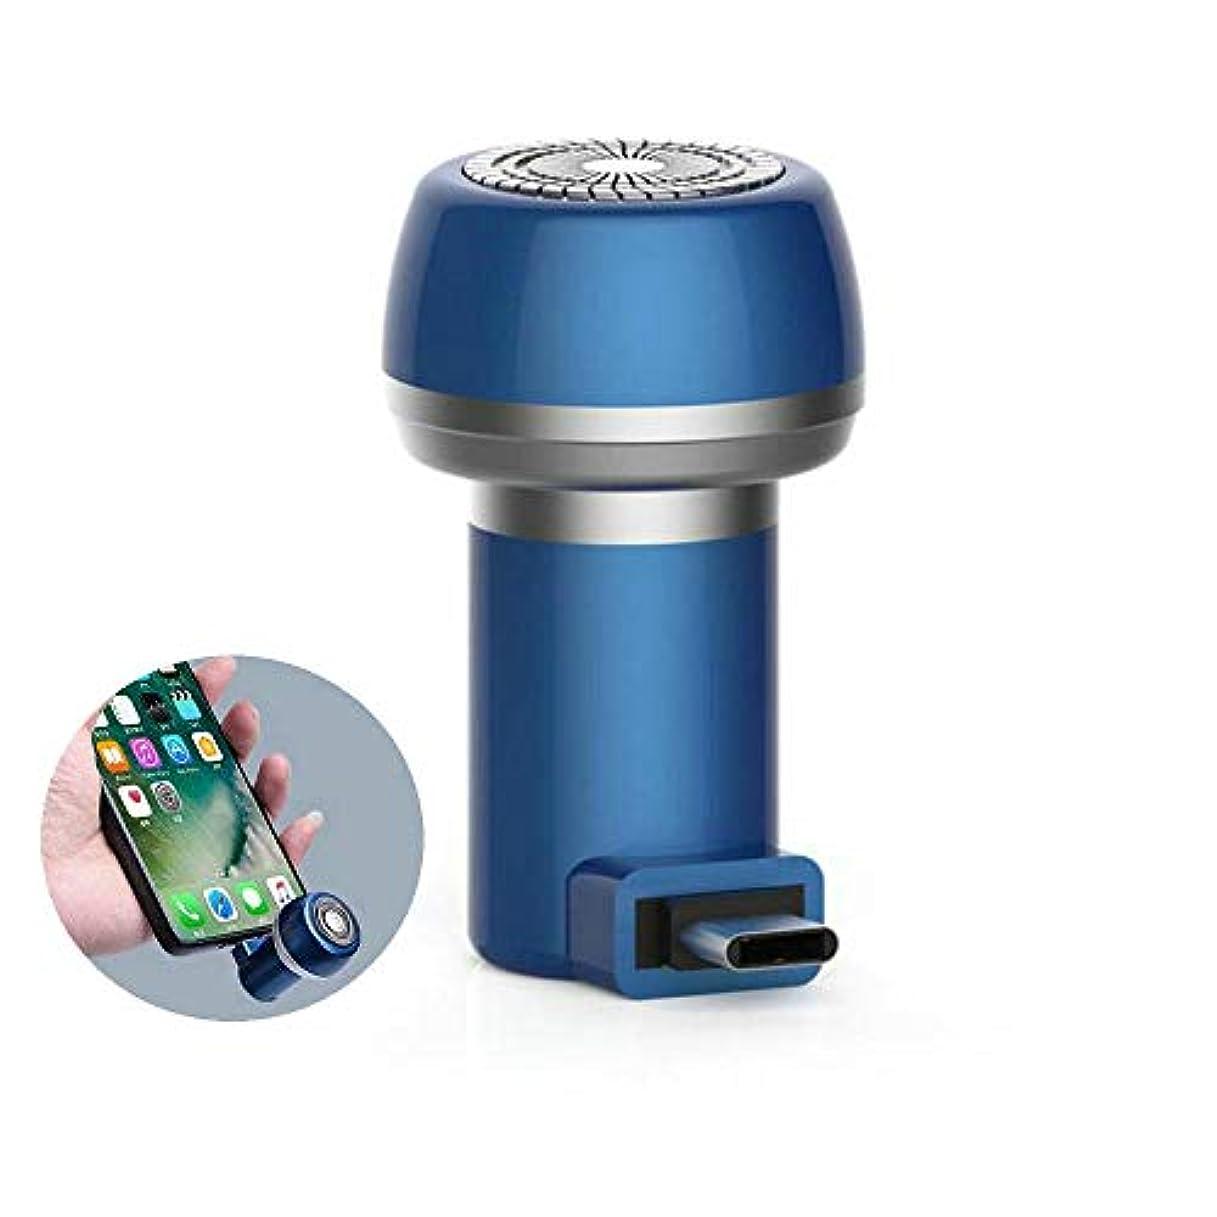 ライバルマーチャンダイジングカラスXAHWL ミニ シェーバー 携帯電話 Micro/Type-c/USB+Micro 脱毛器